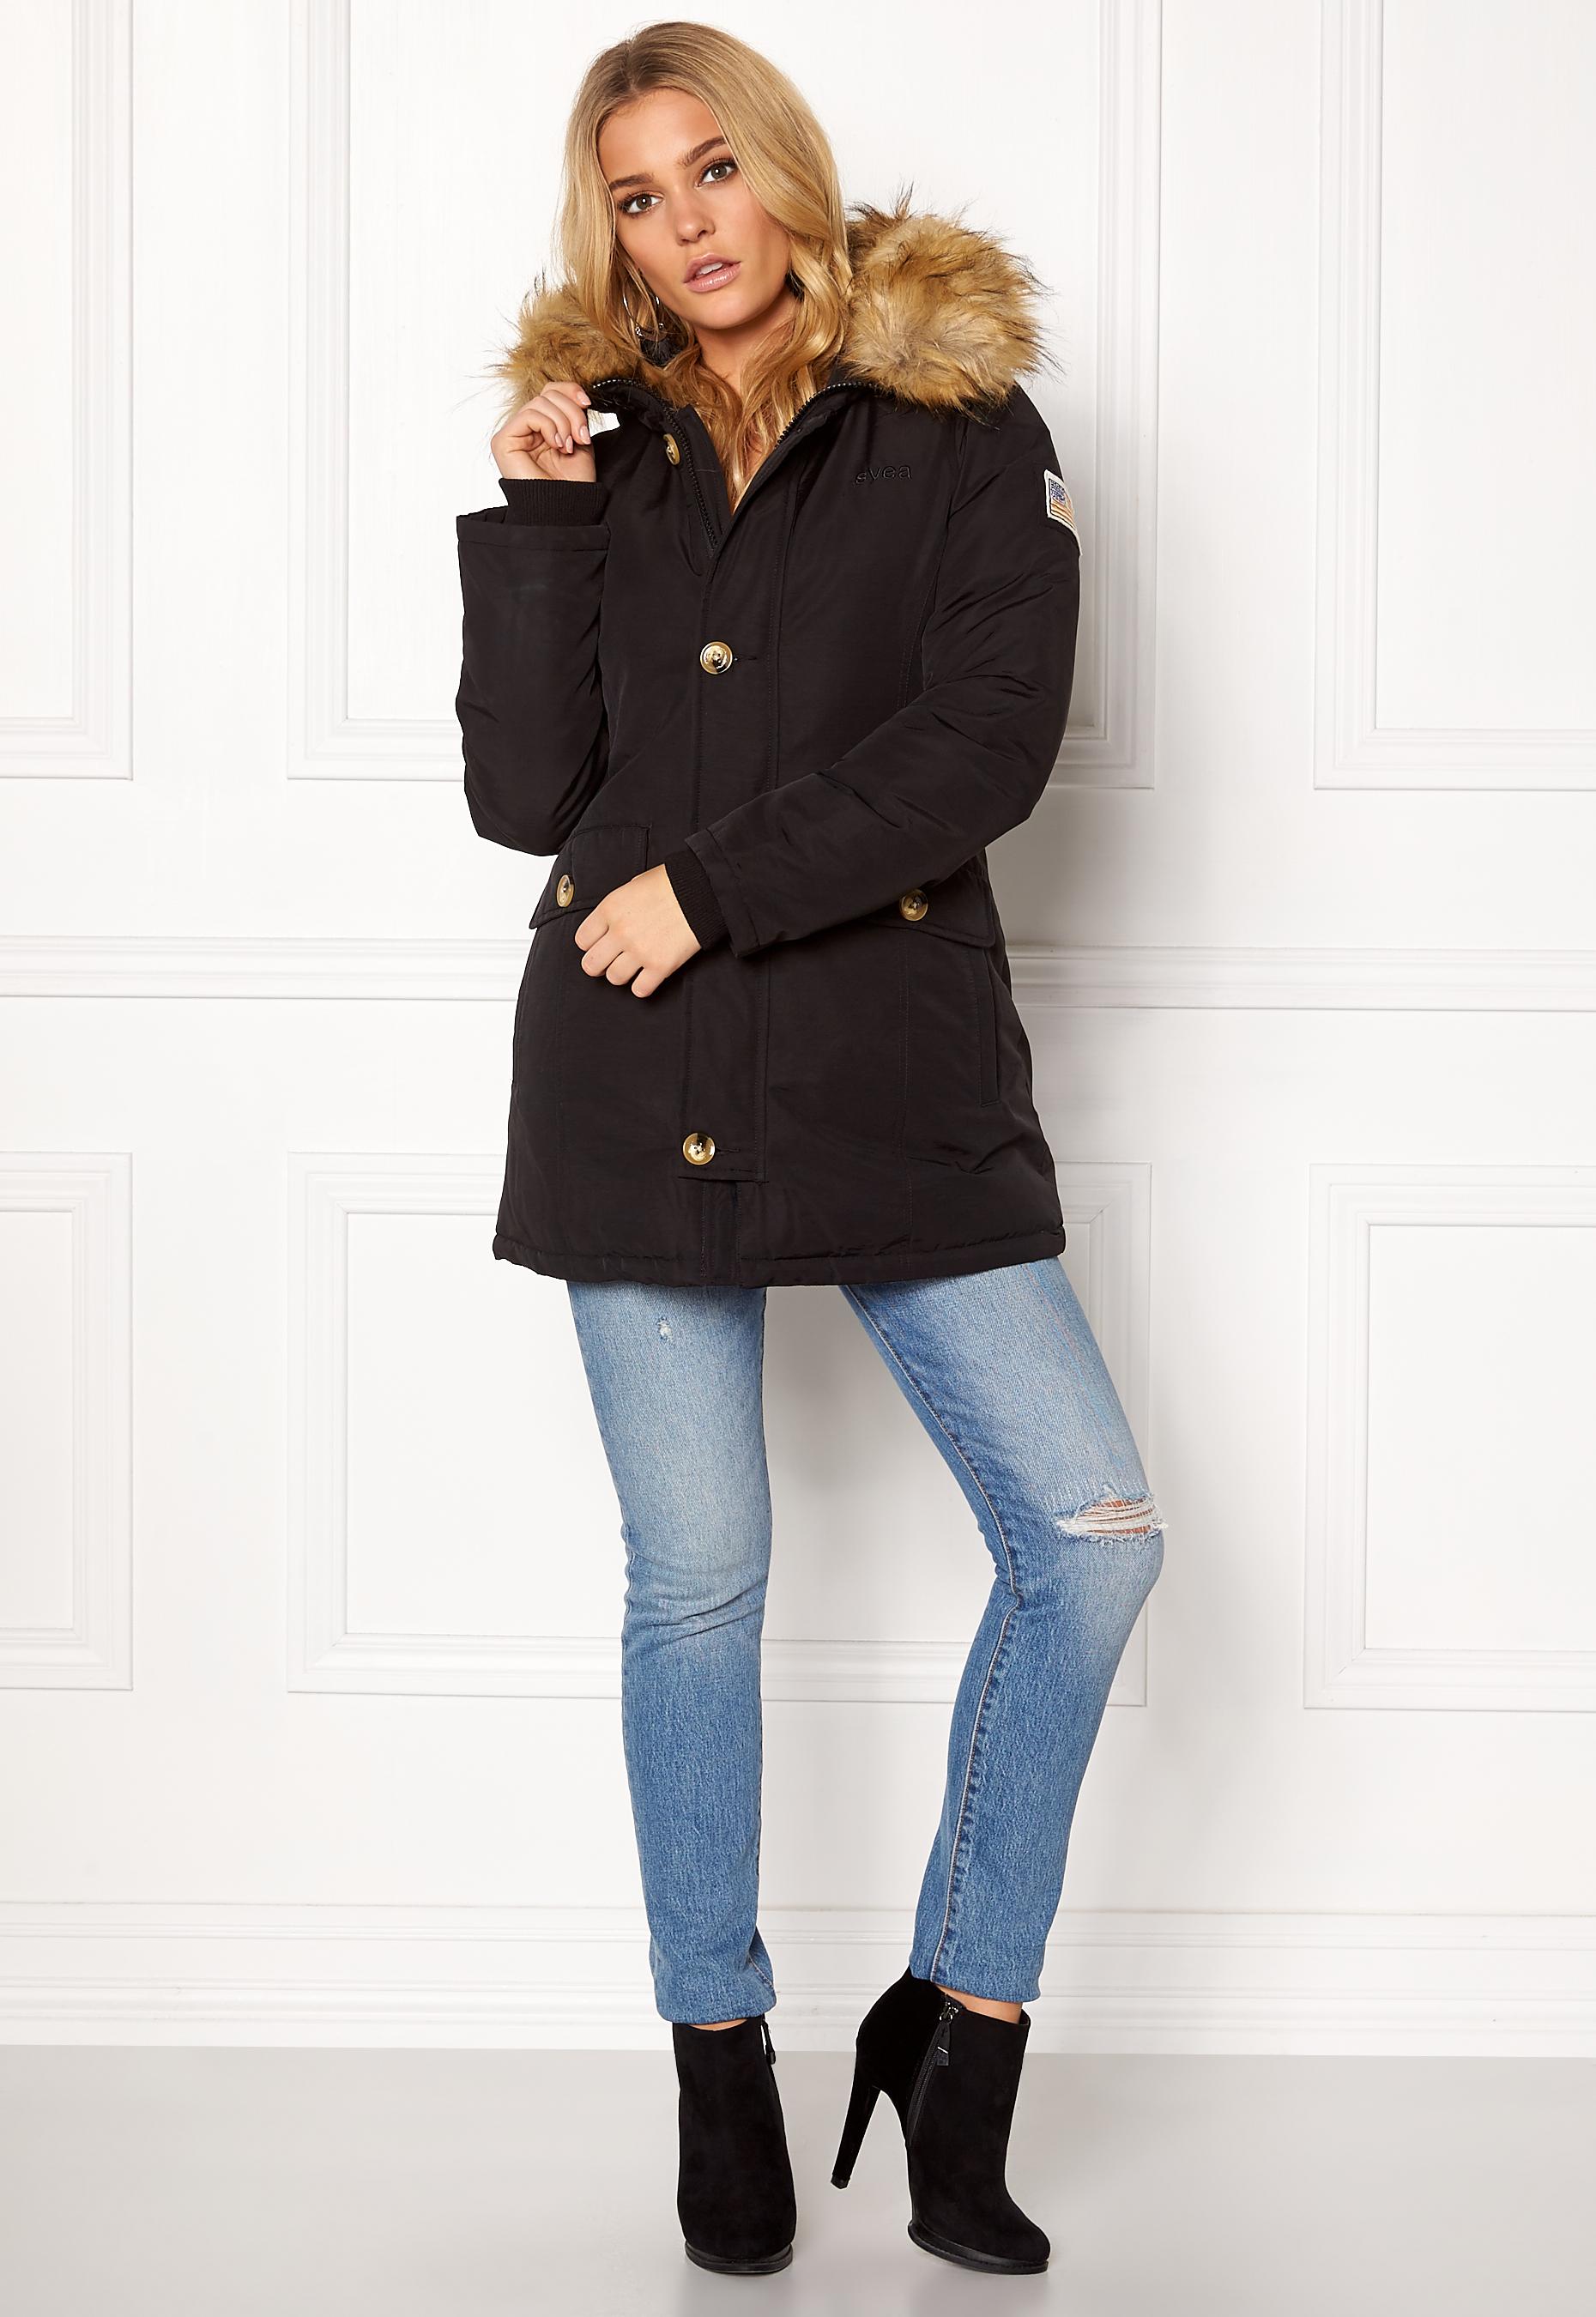 plockade upp smuts billigt försäljning av skor Svea Miss Smith Black - Bubbleroom